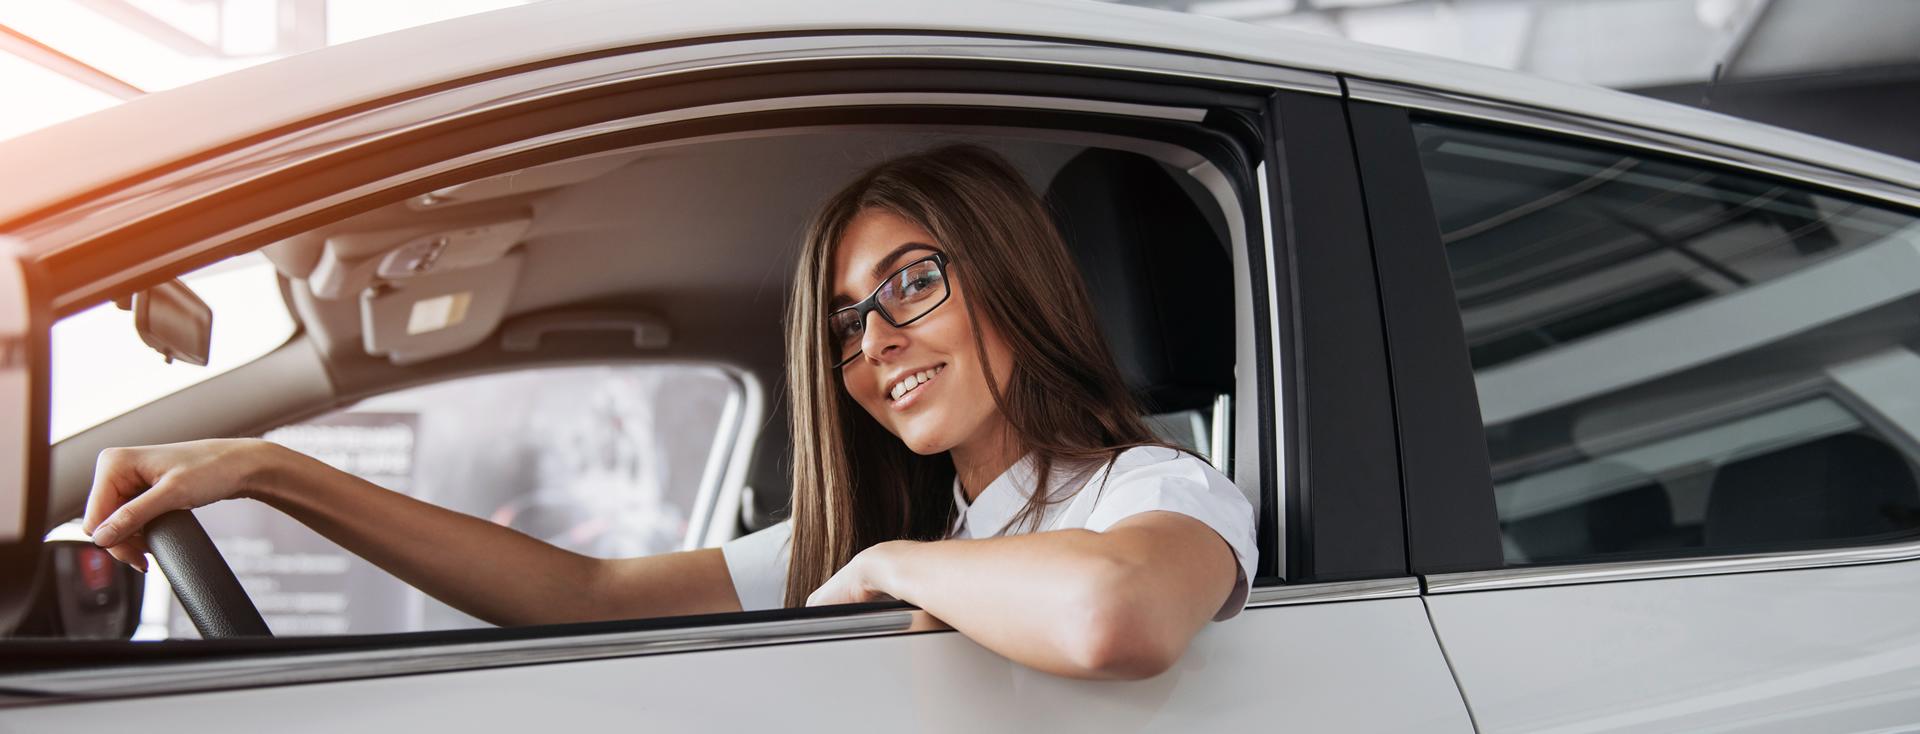 Tipps für den Autoverkauf - worauf sollte man achten?